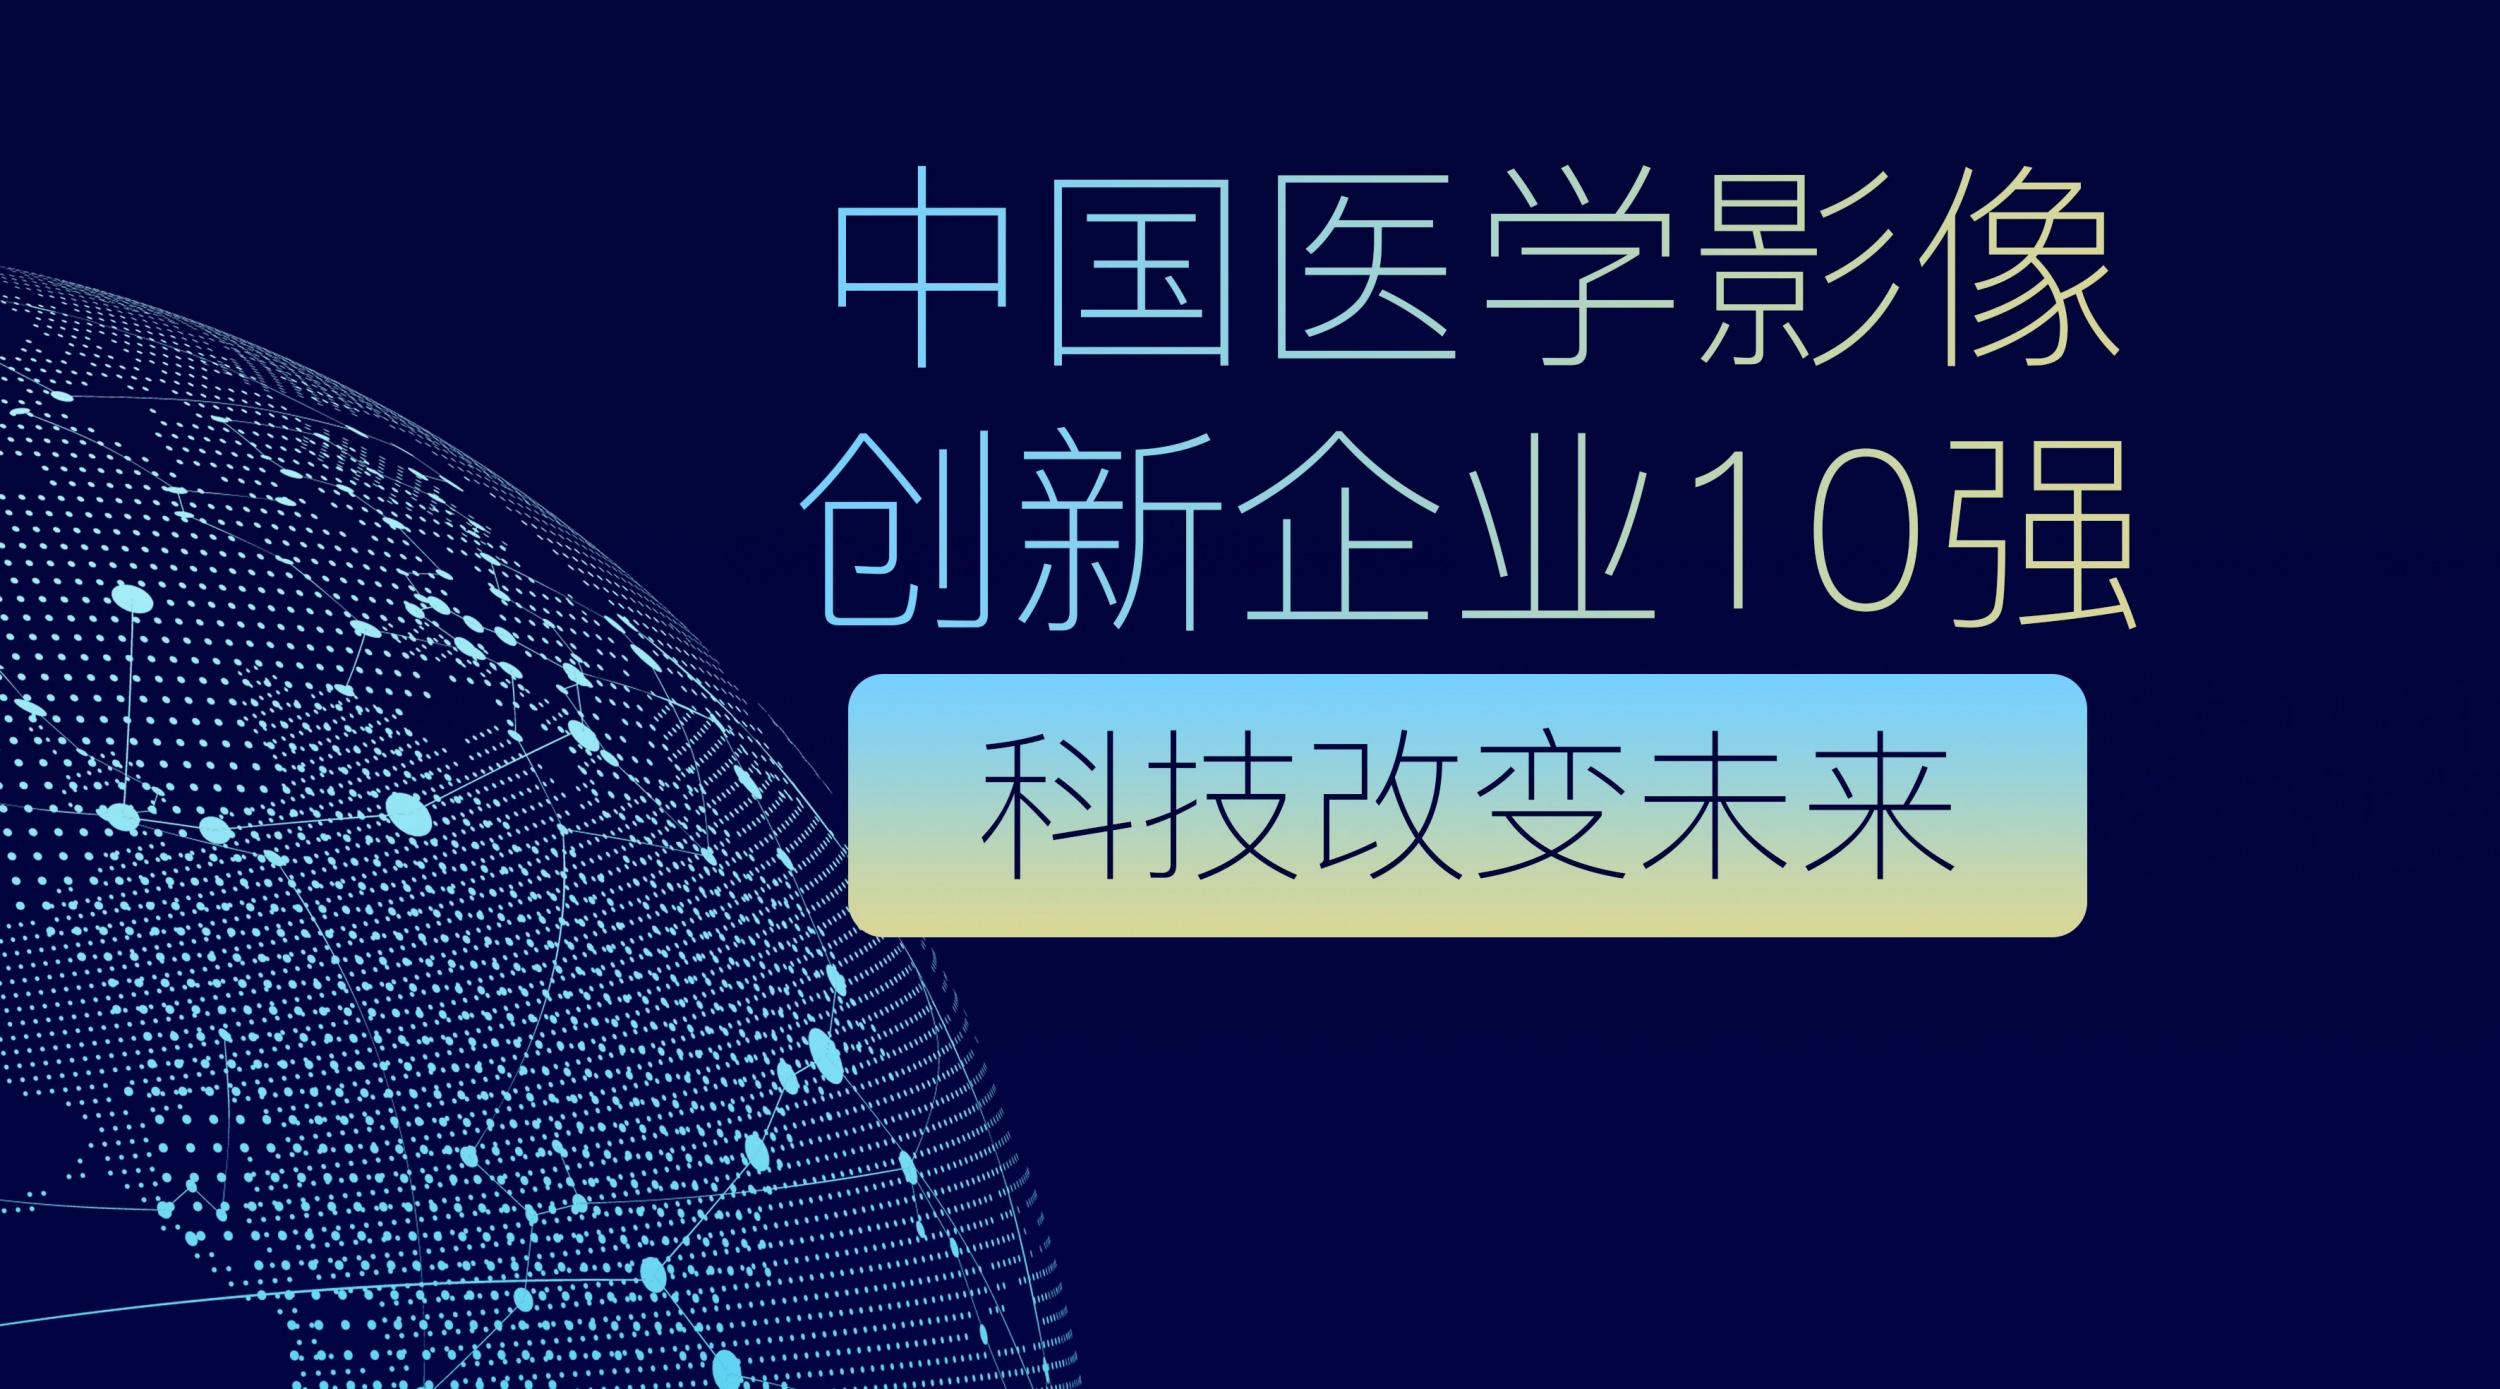 医准智能入选中国医学影像创新企业10强